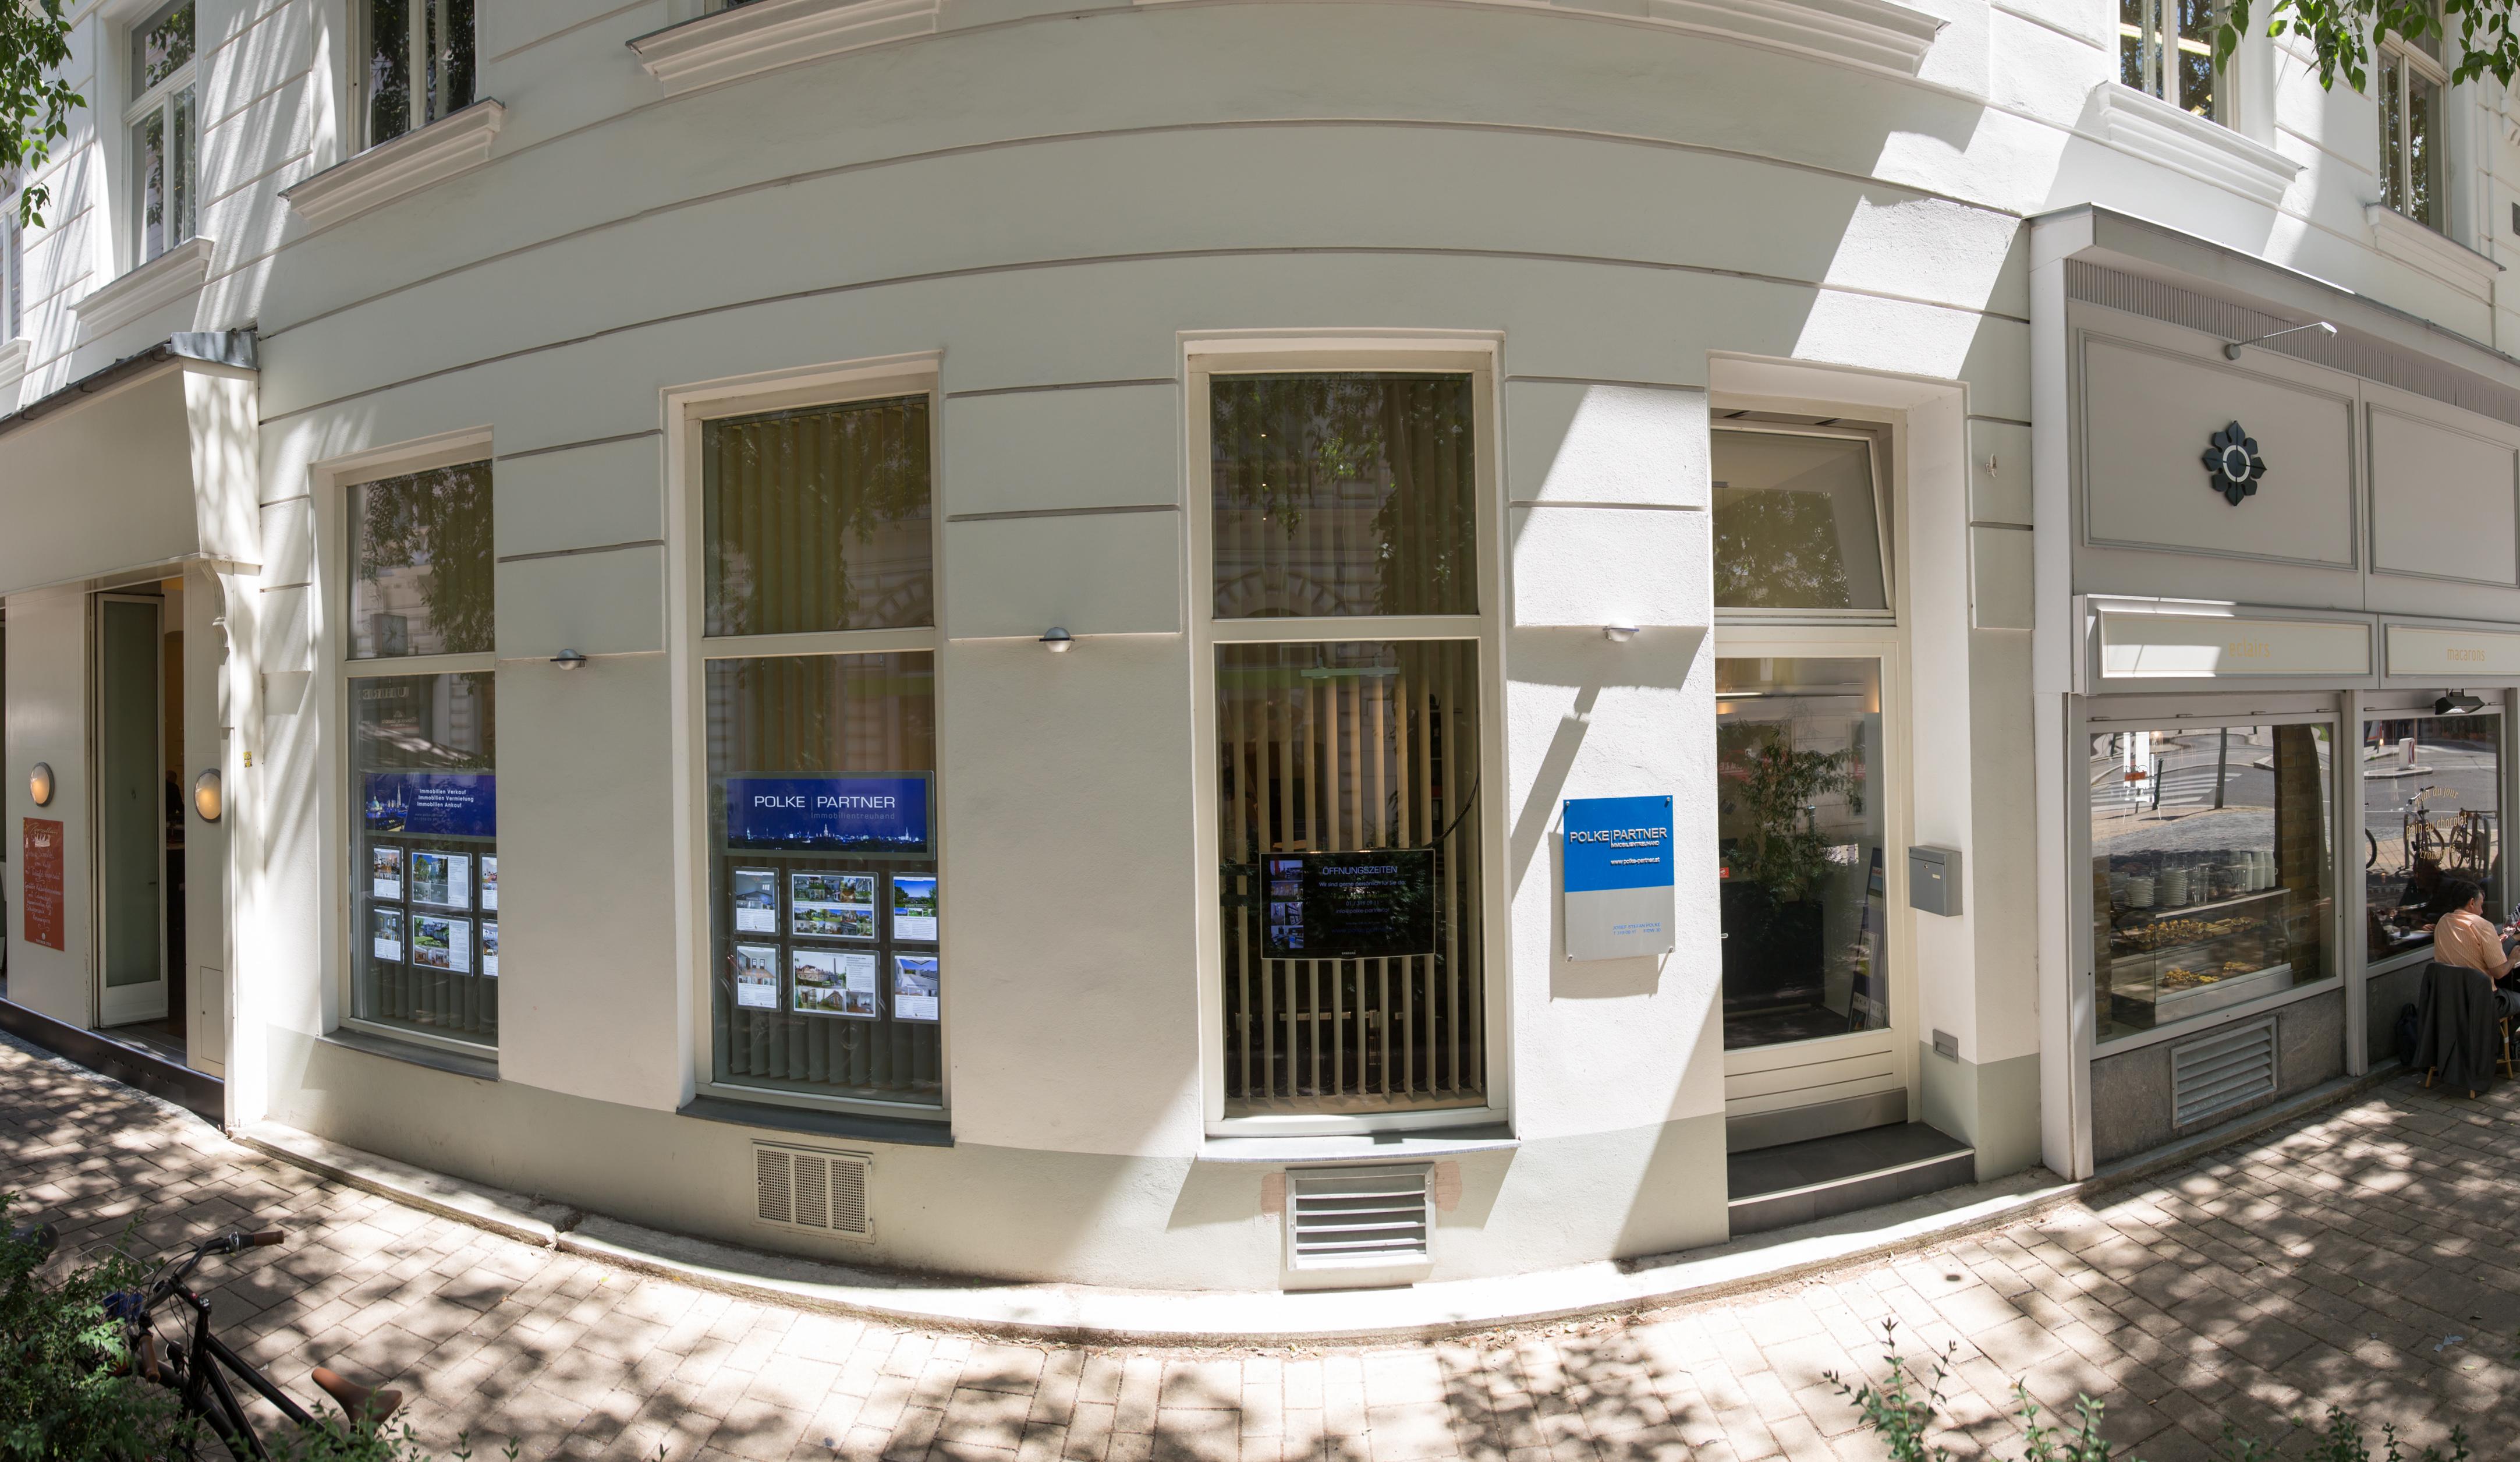 Hausecke Sevitengasse/Bergasse mit den Auslagefenstern und dem Eingang des Büros von Polke und Partner